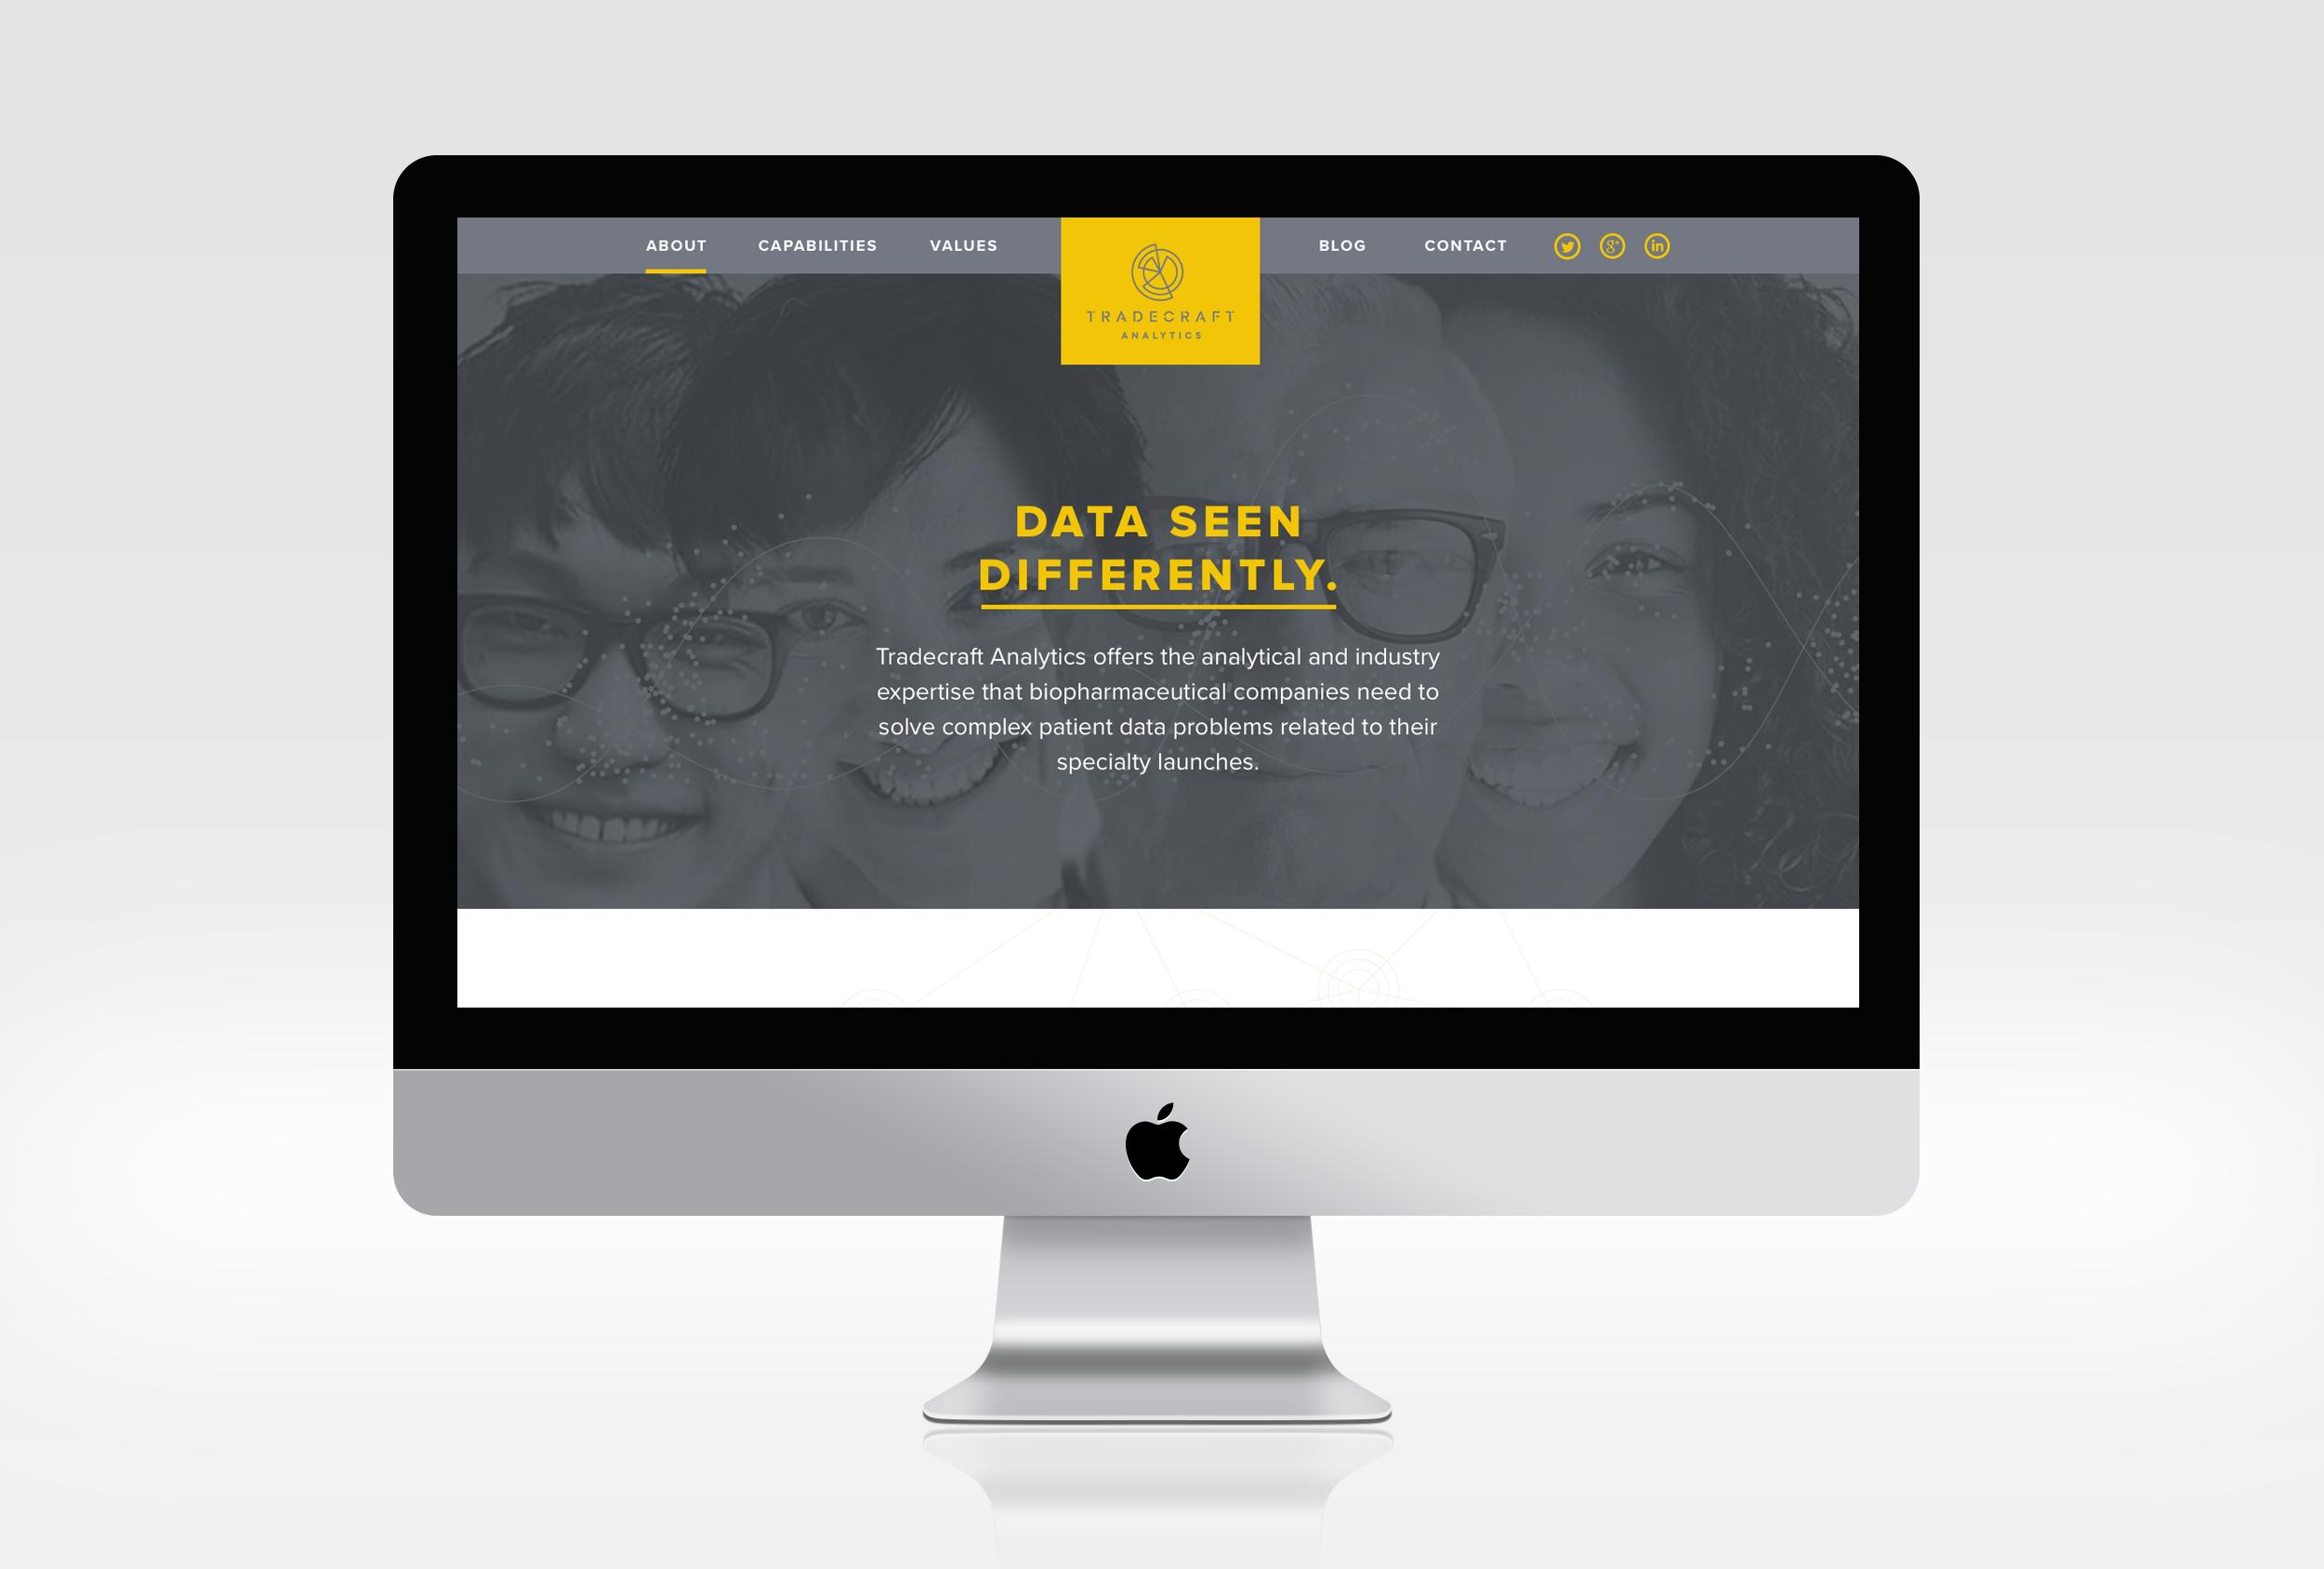 julierado-tradecraft-analytics-identity-website-imac.jpg